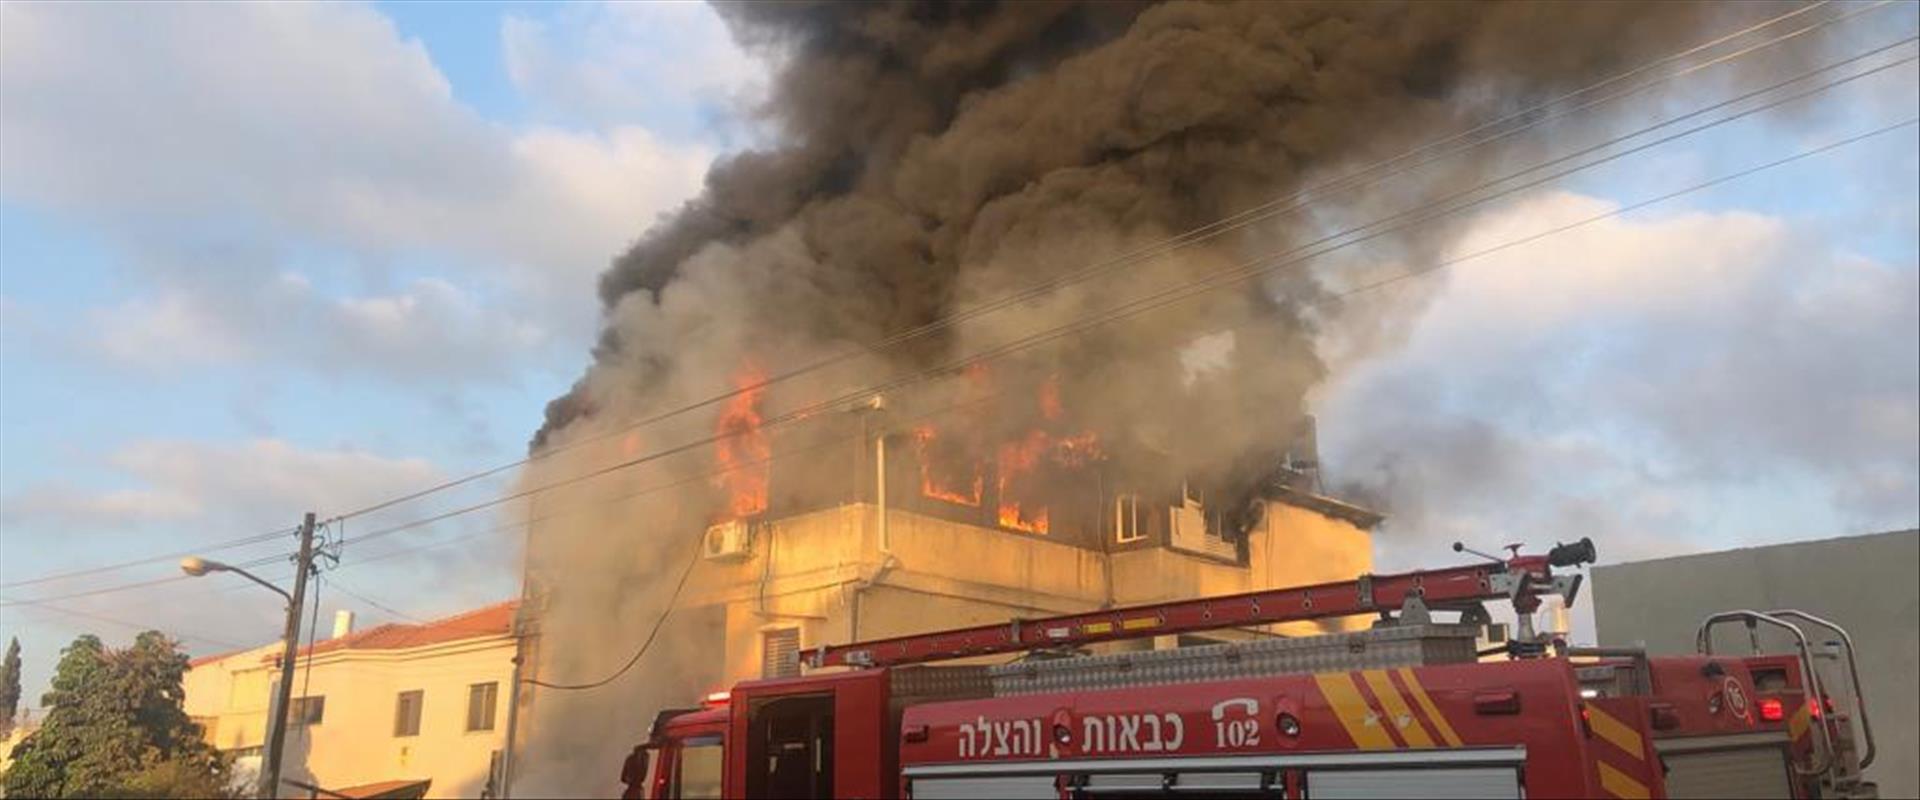 השריפה בביתה של כרמל מעודה